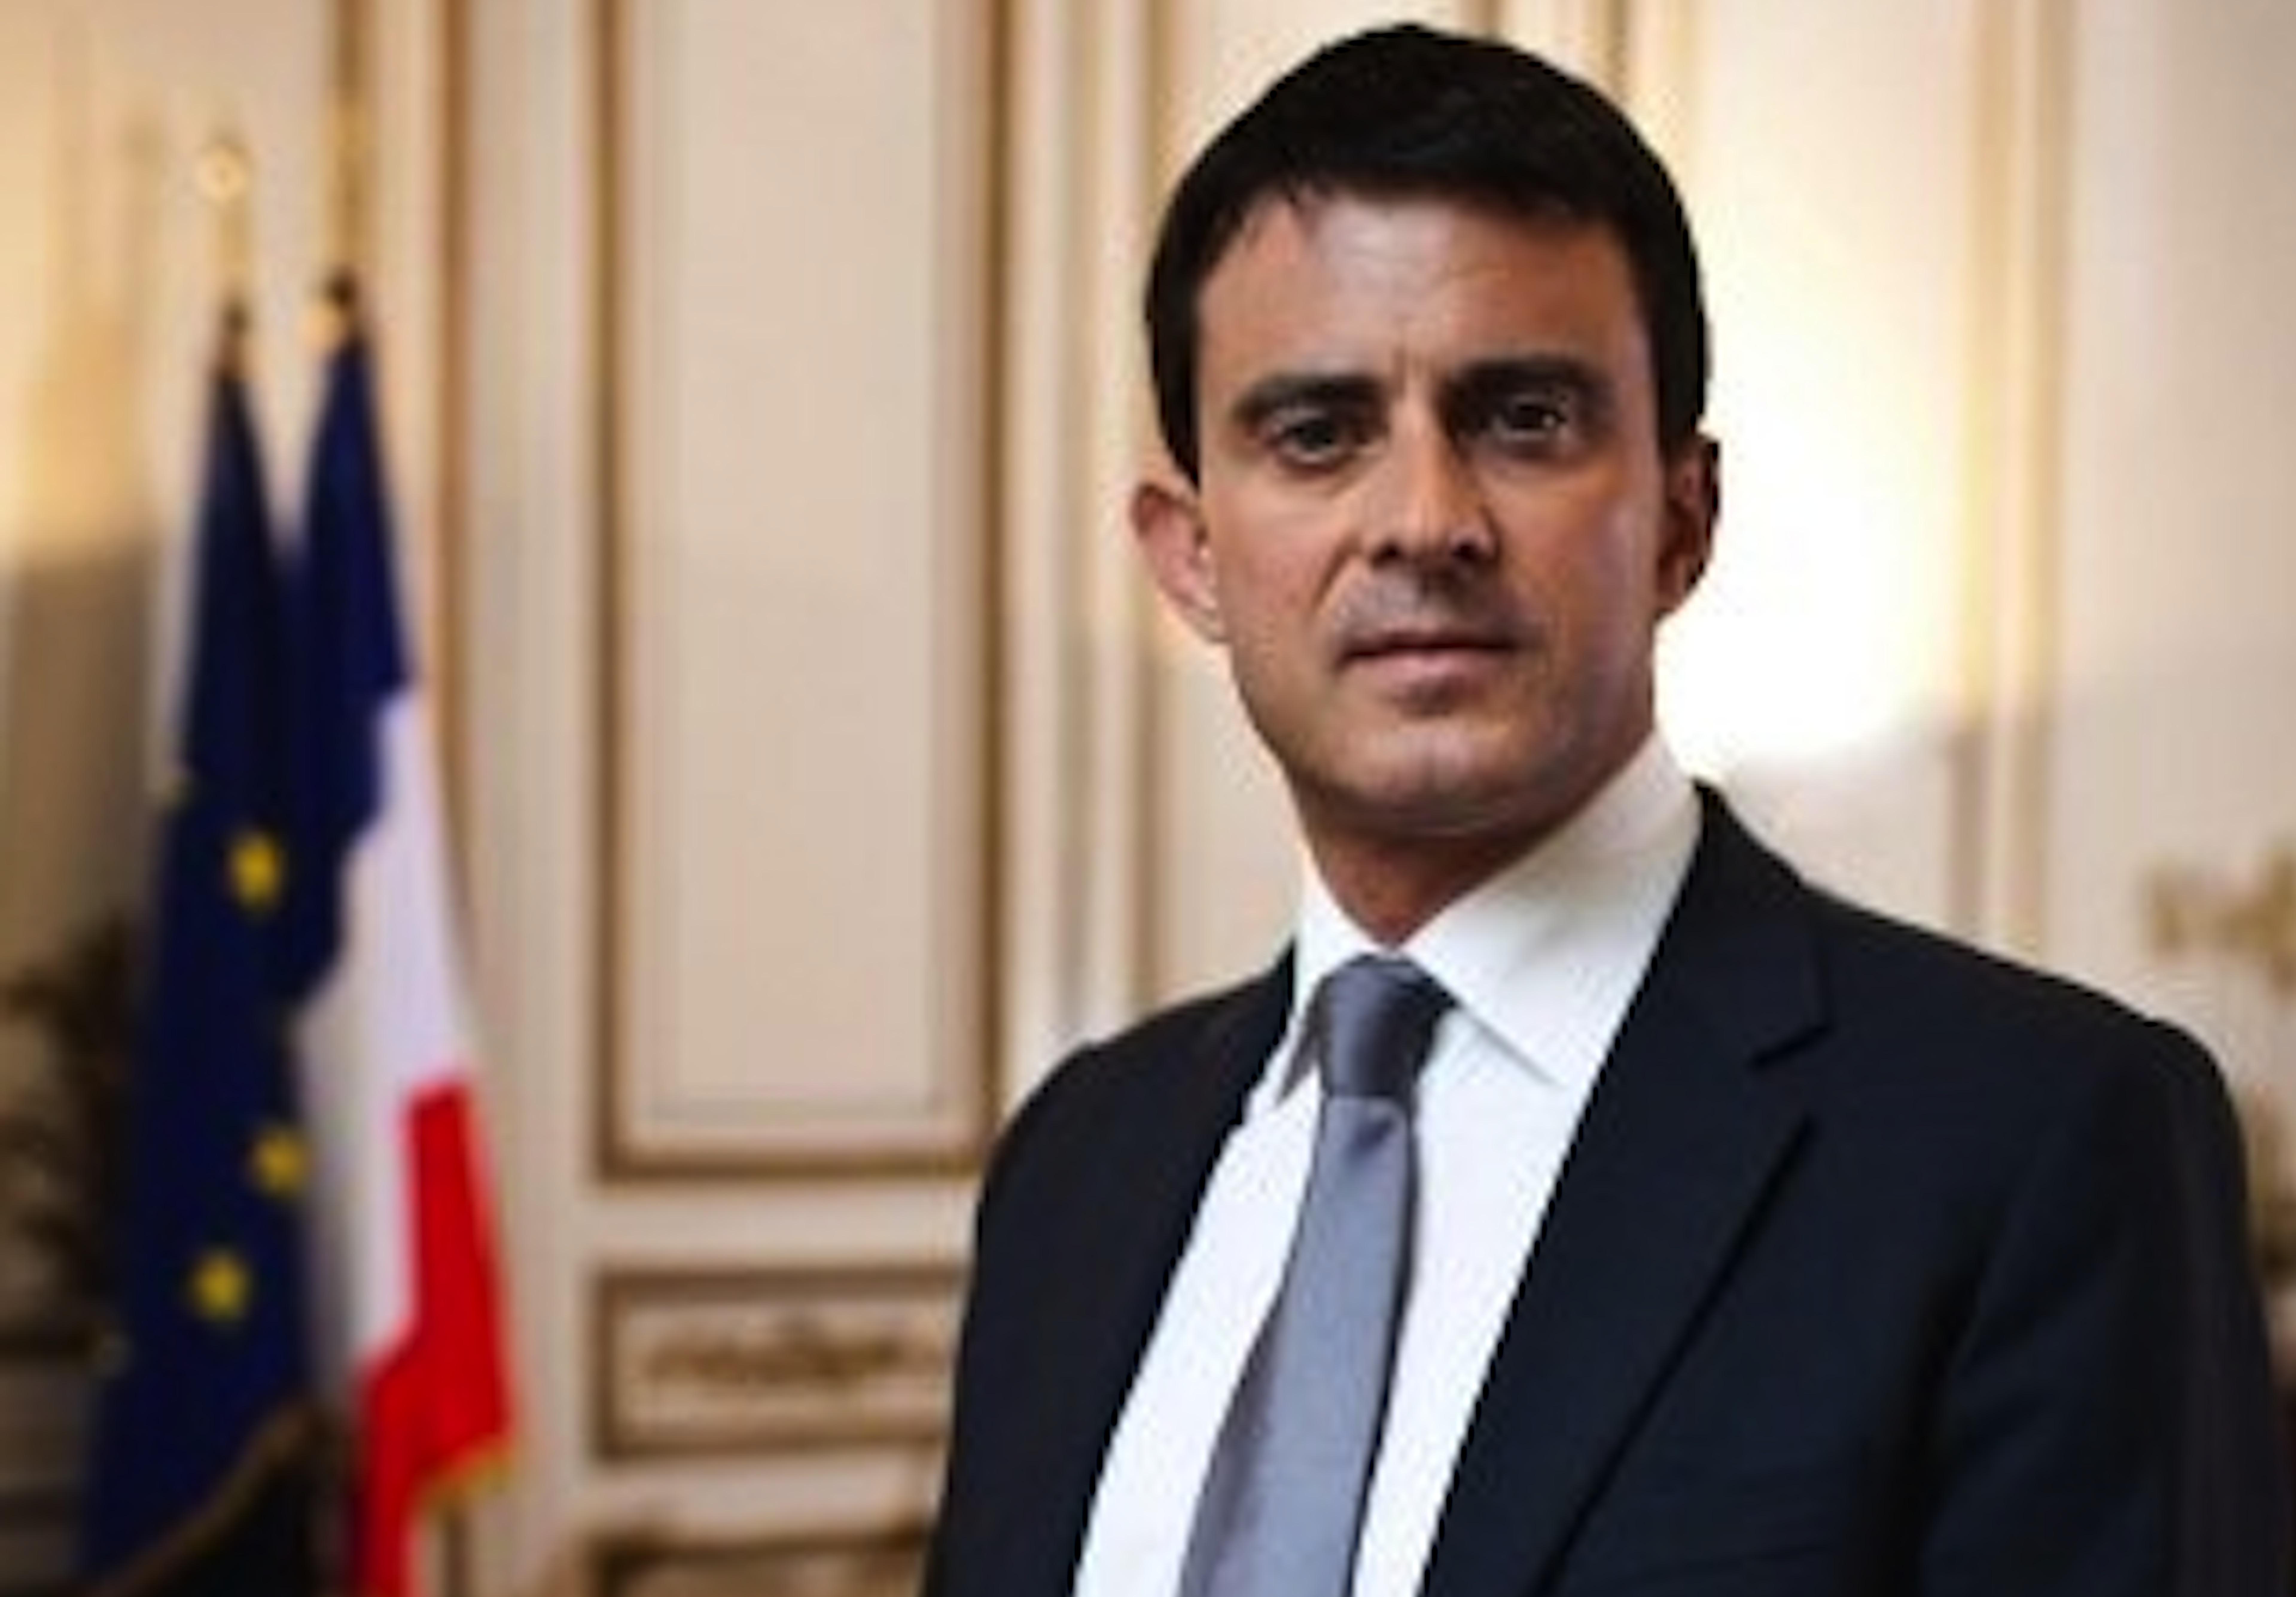 Le premier ministre fran ais attendu jeudi au maroc for Ministre francais